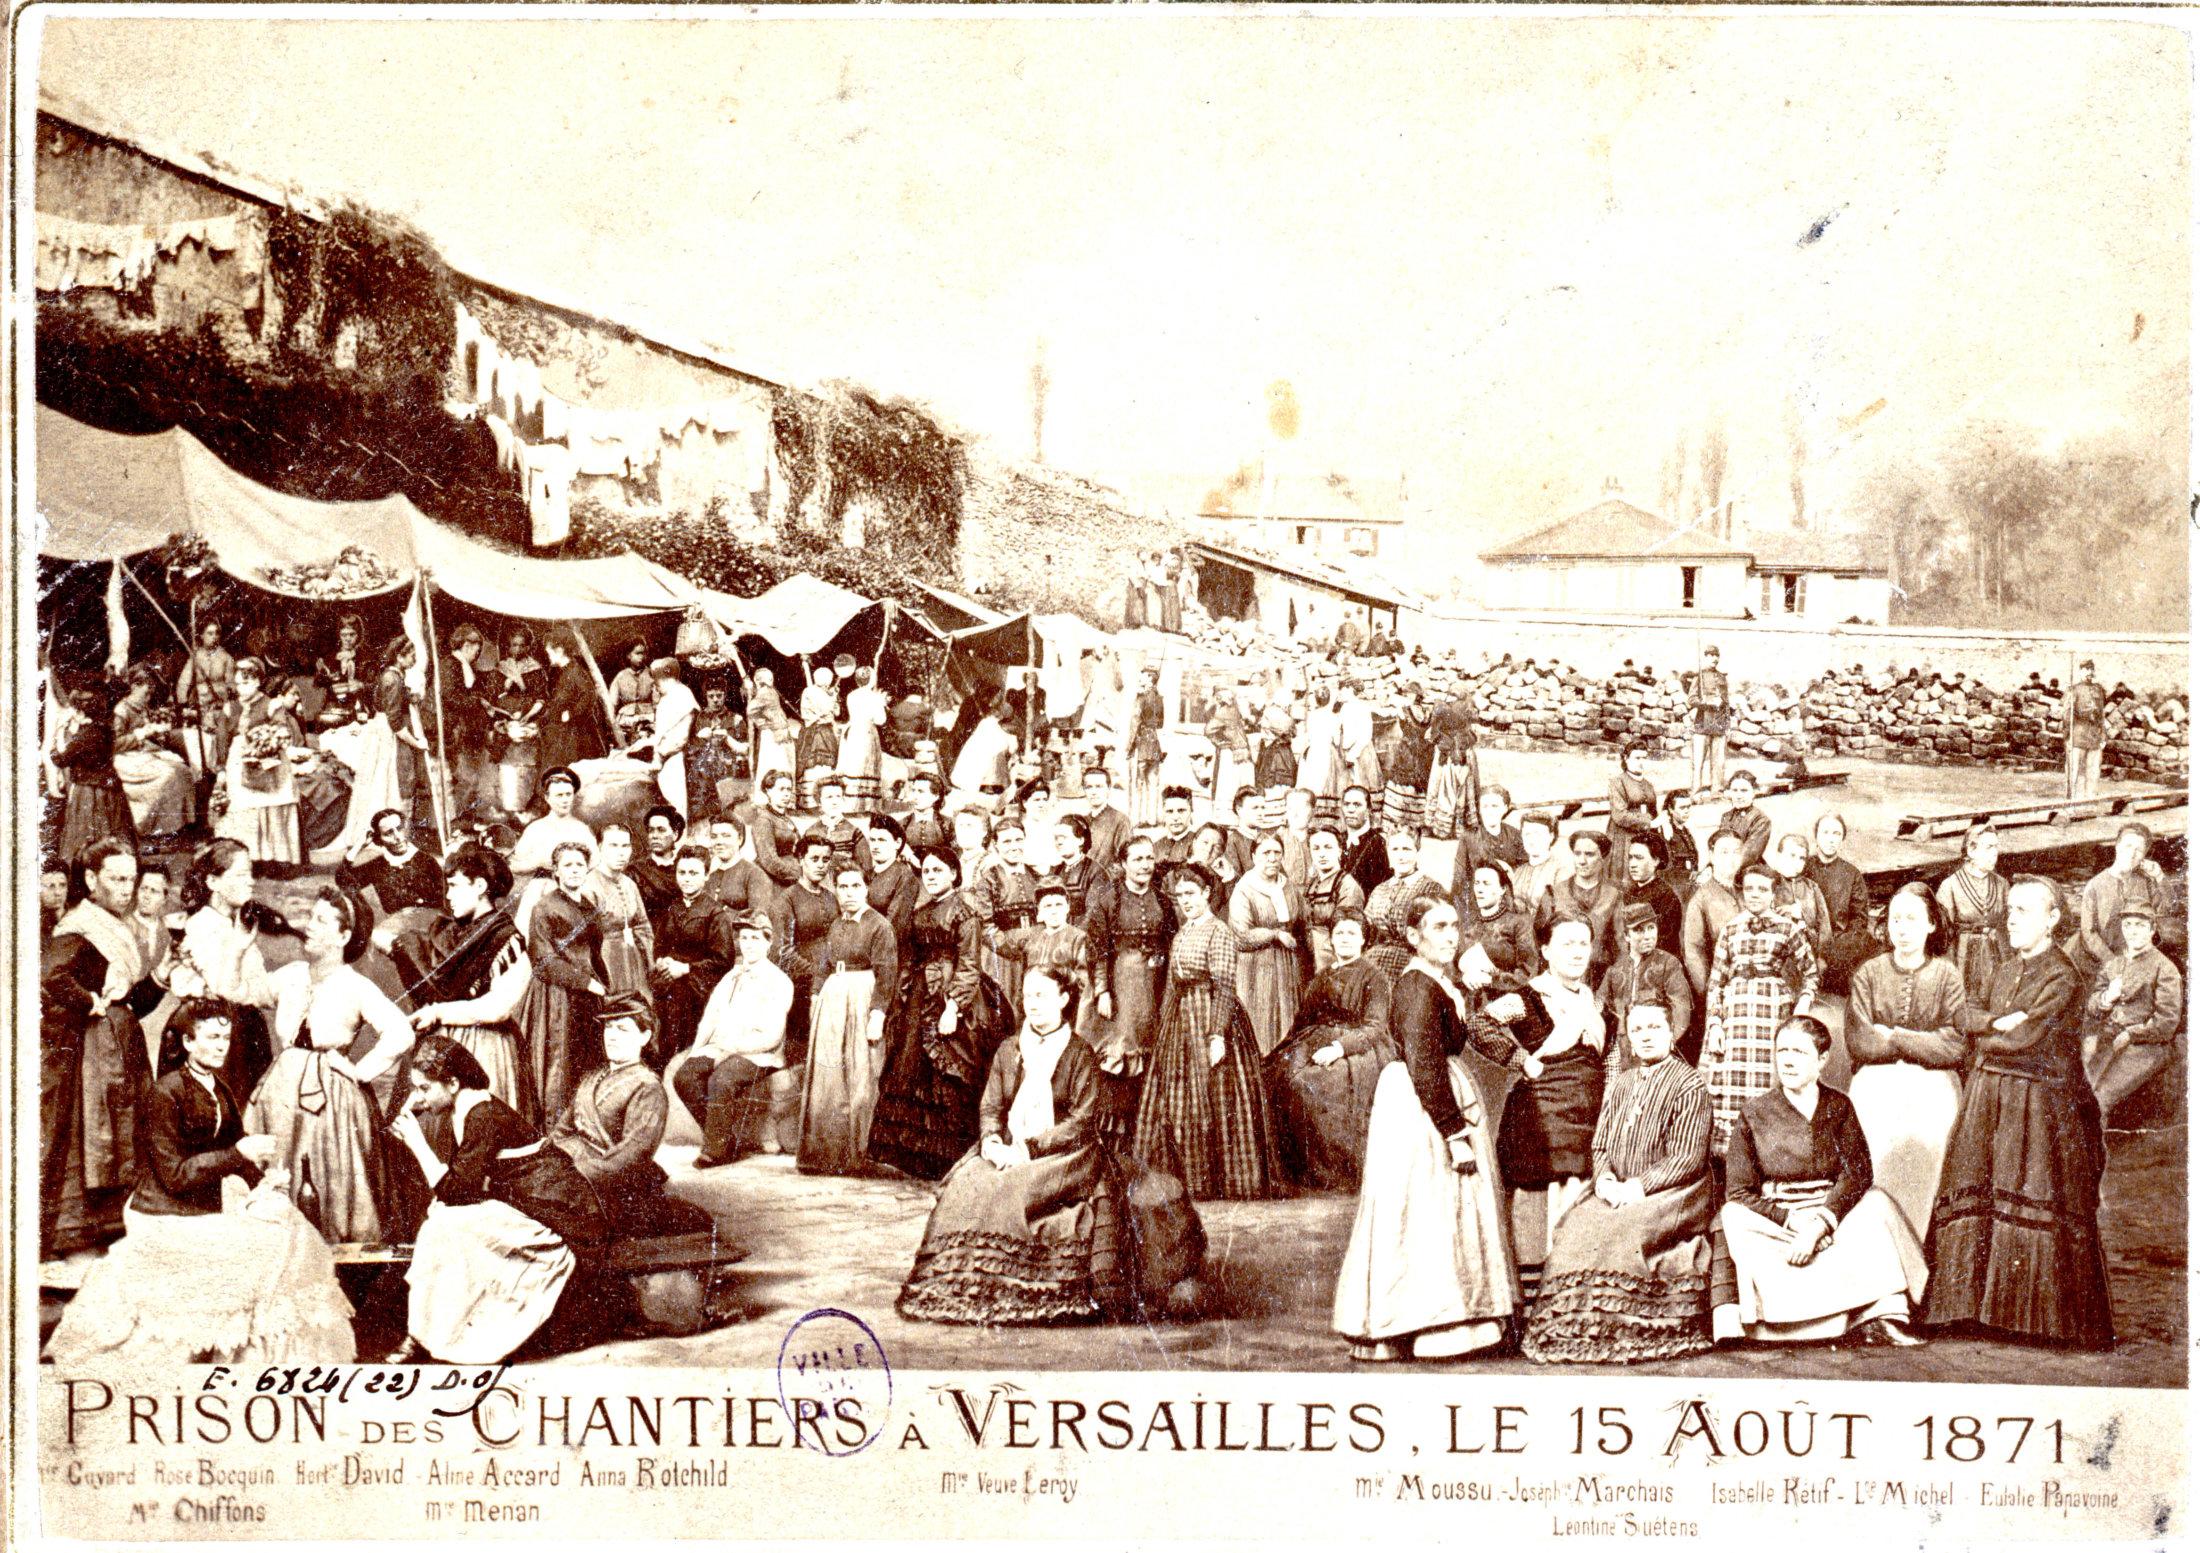 PARIS - PRISON DES CHANTIERS A VERSAILLES